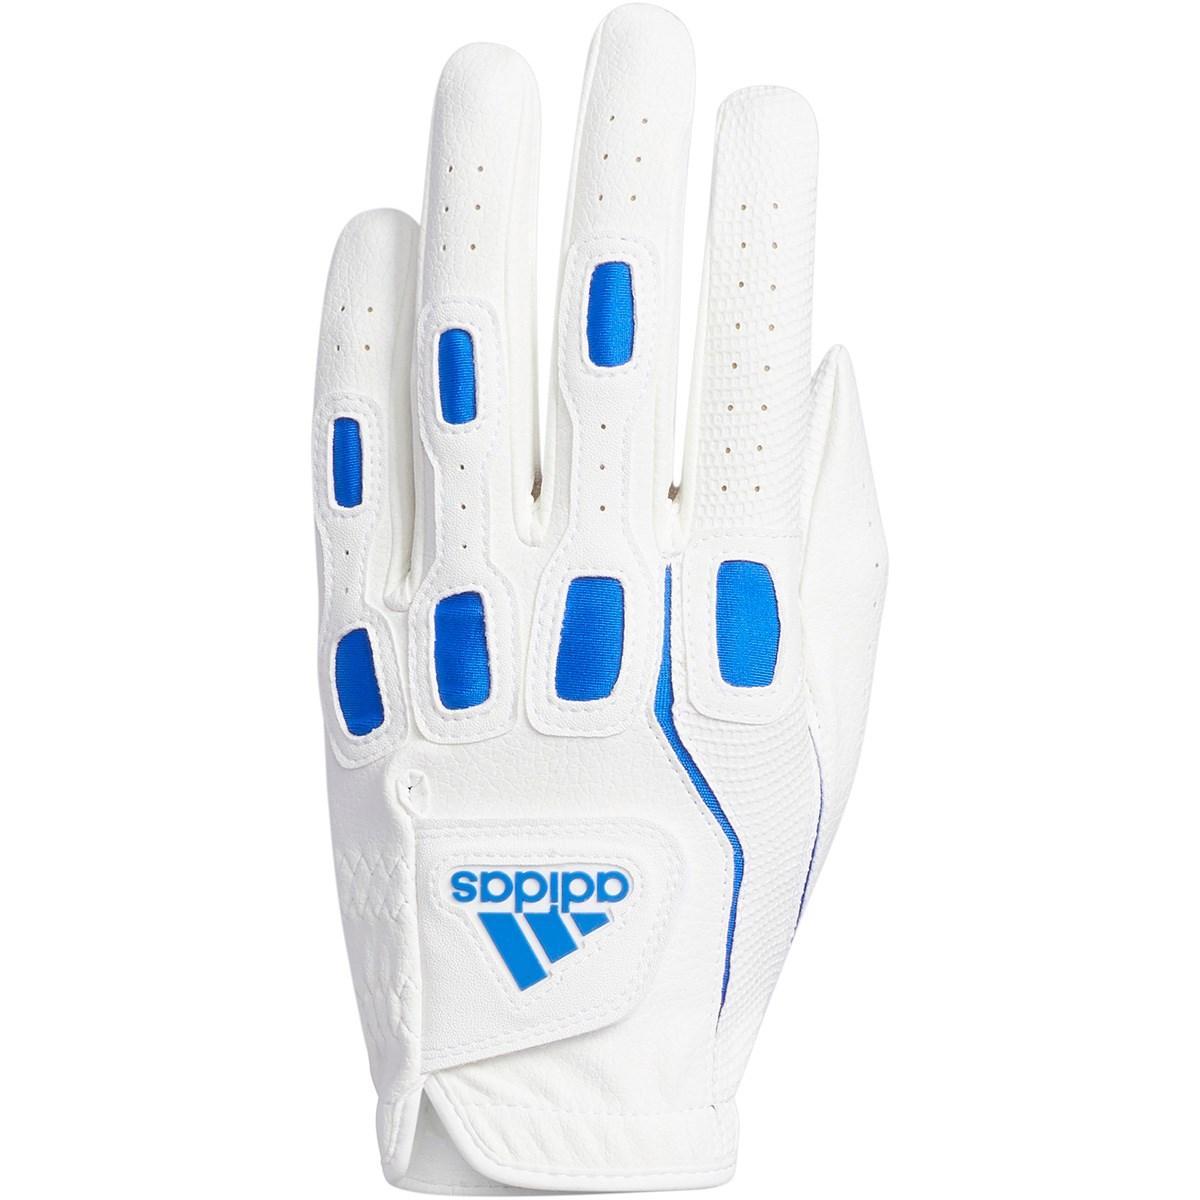 アディダス Adidas マルチフィット9 グローブ レフティ 23cm 右手着用(左利き用) ホワイト/グローリーブルー